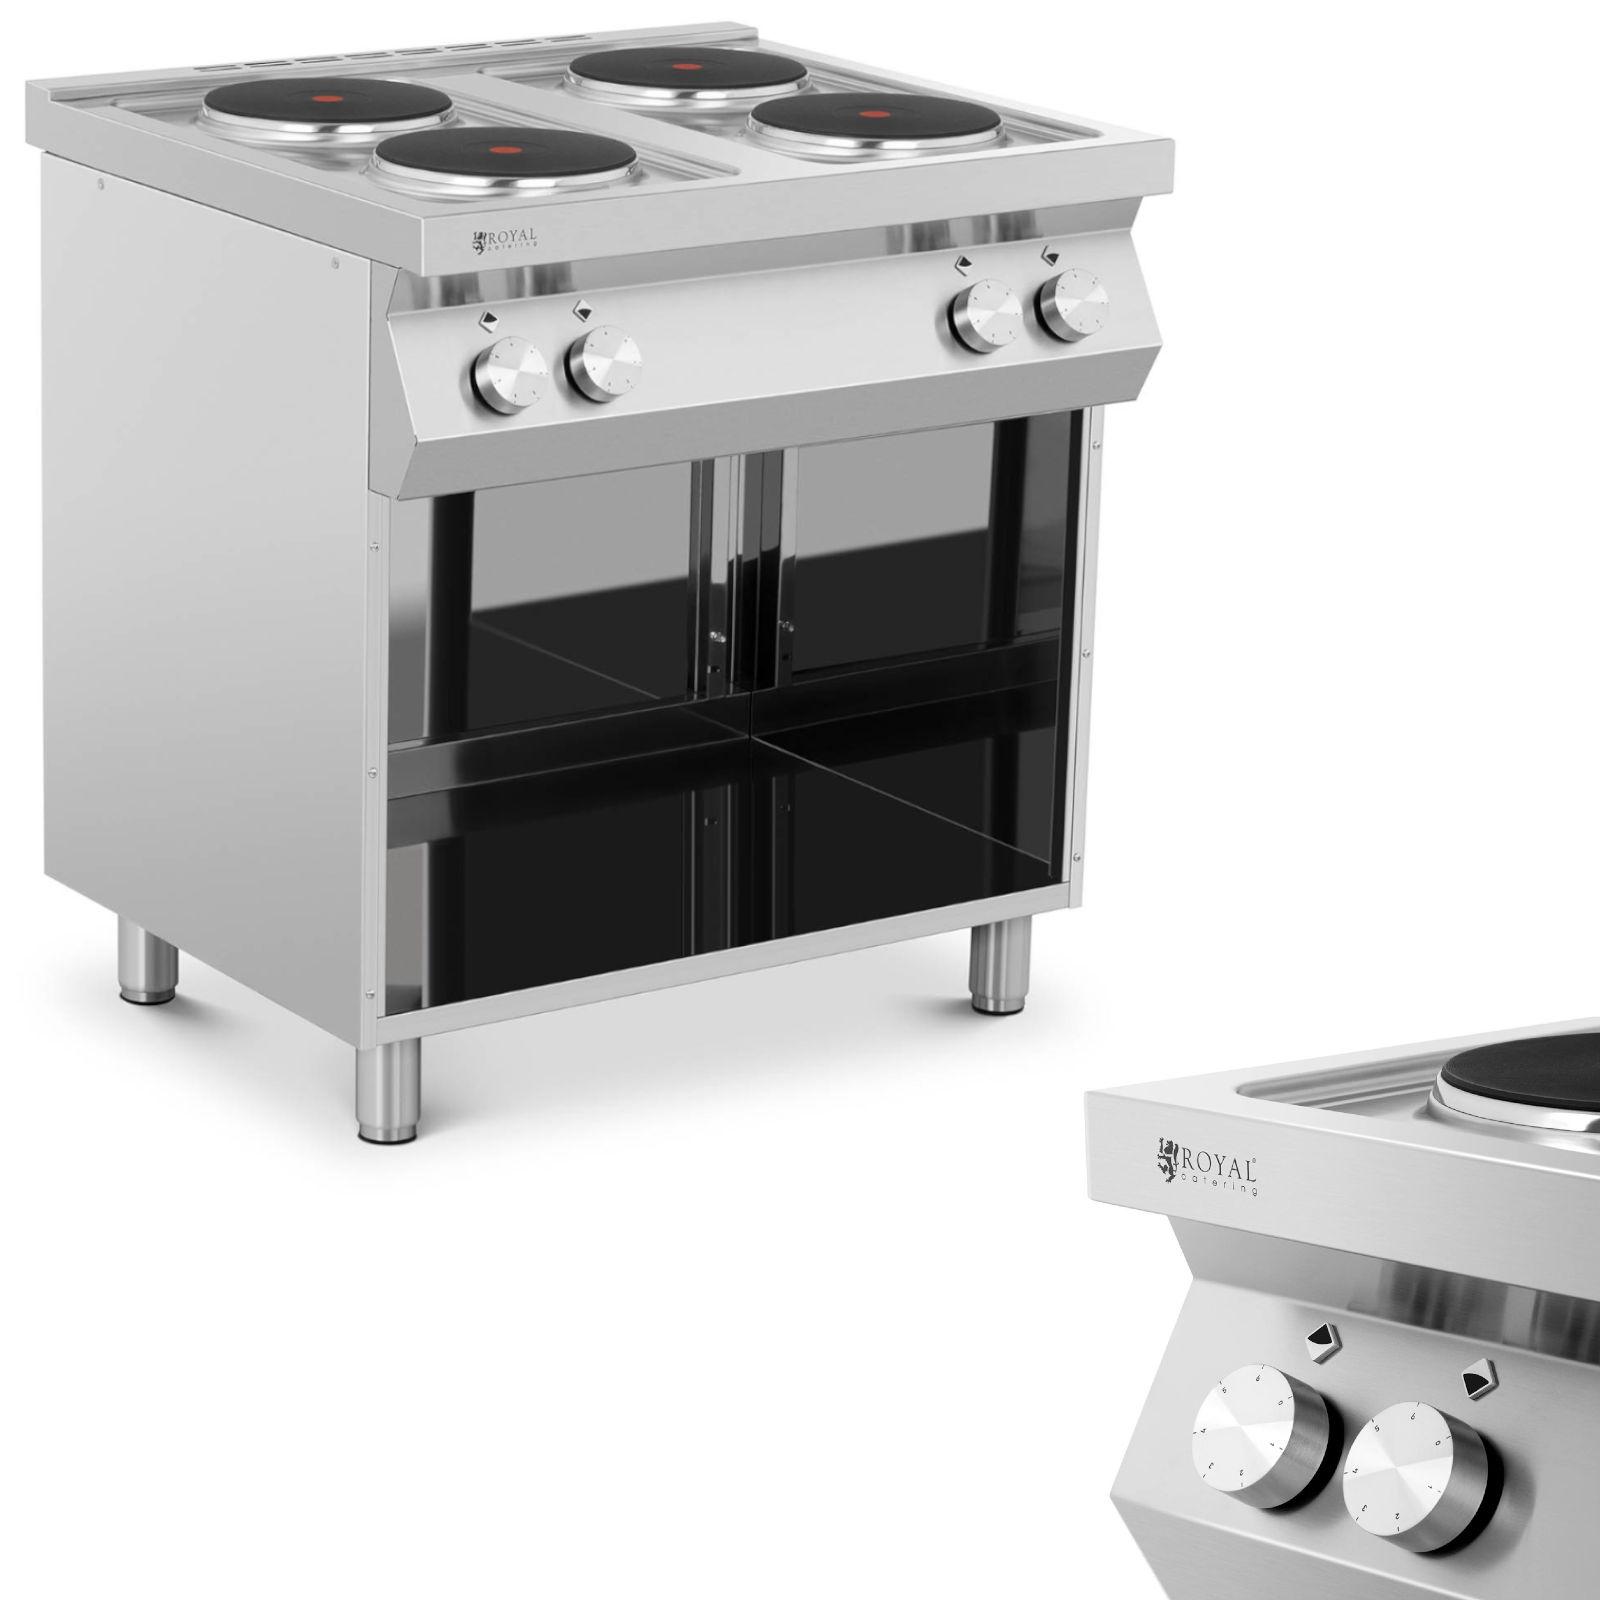 Made In Italy Kuchnia Elektryczna 4 Palnikowa Z Otwarta Podstawa 4 X 2600w